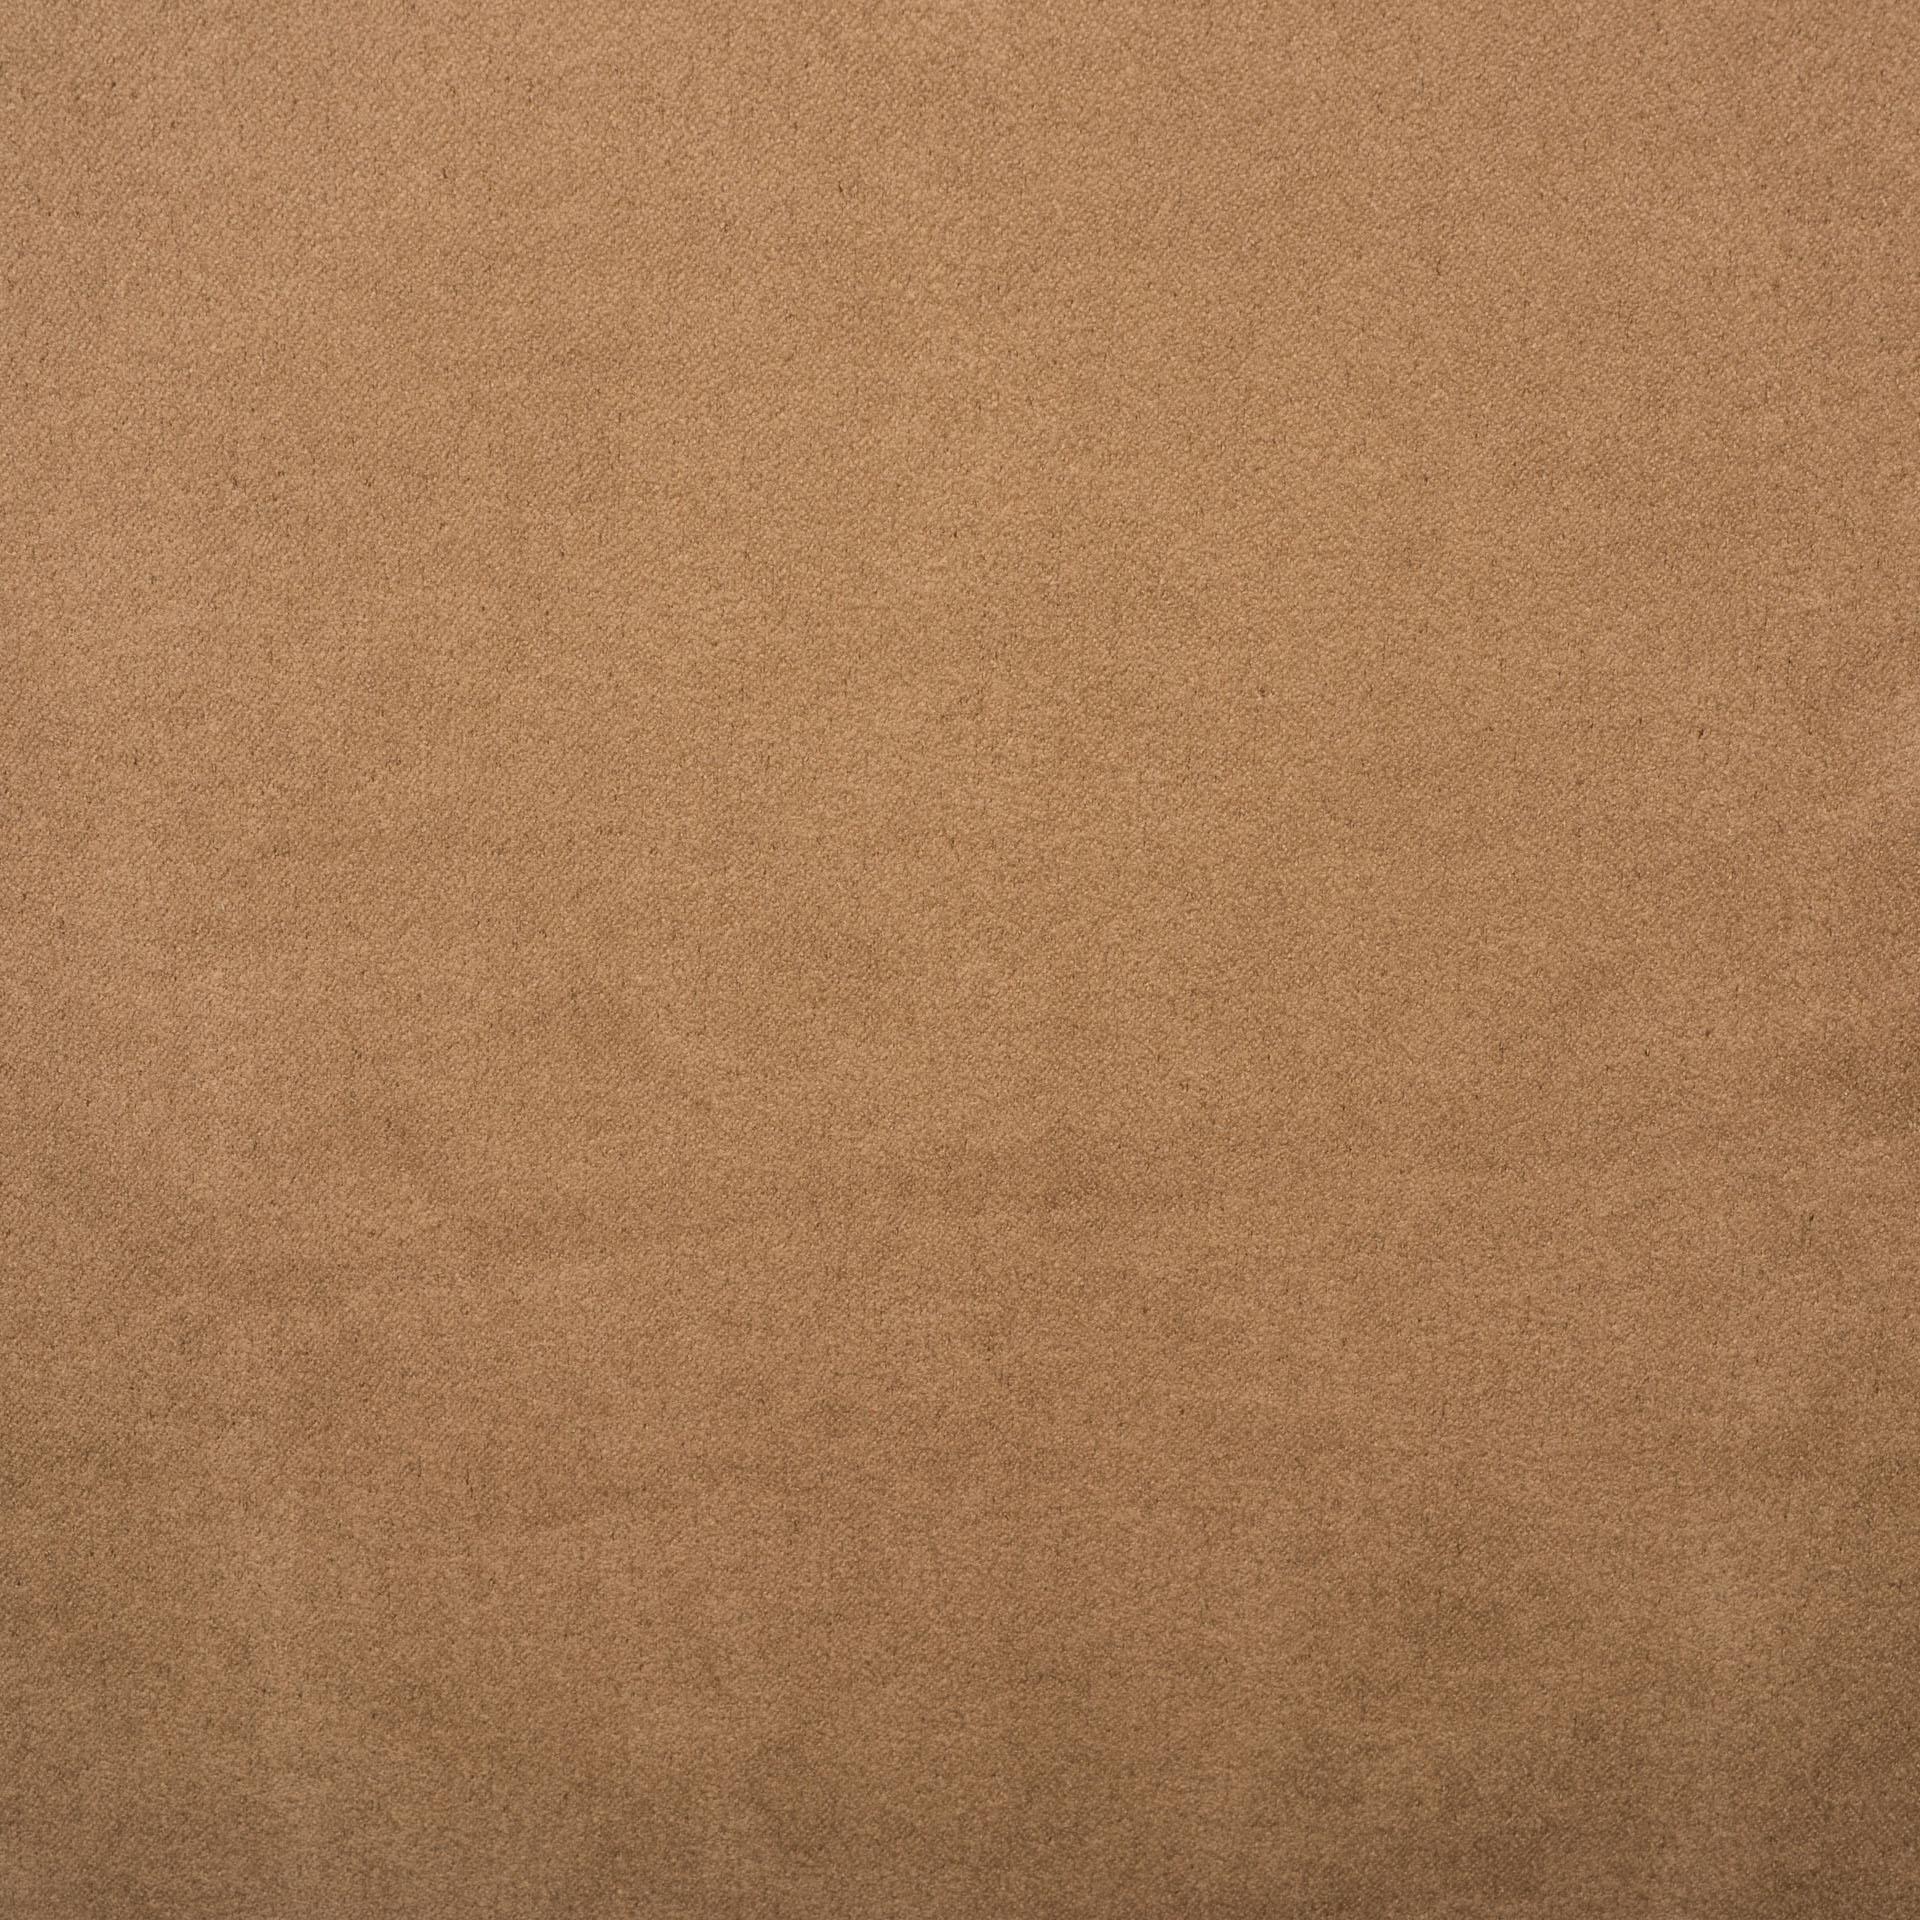 Коллекция ткани Бонд CARAMEL 03,  купить ткань Велюр для мебели Украина